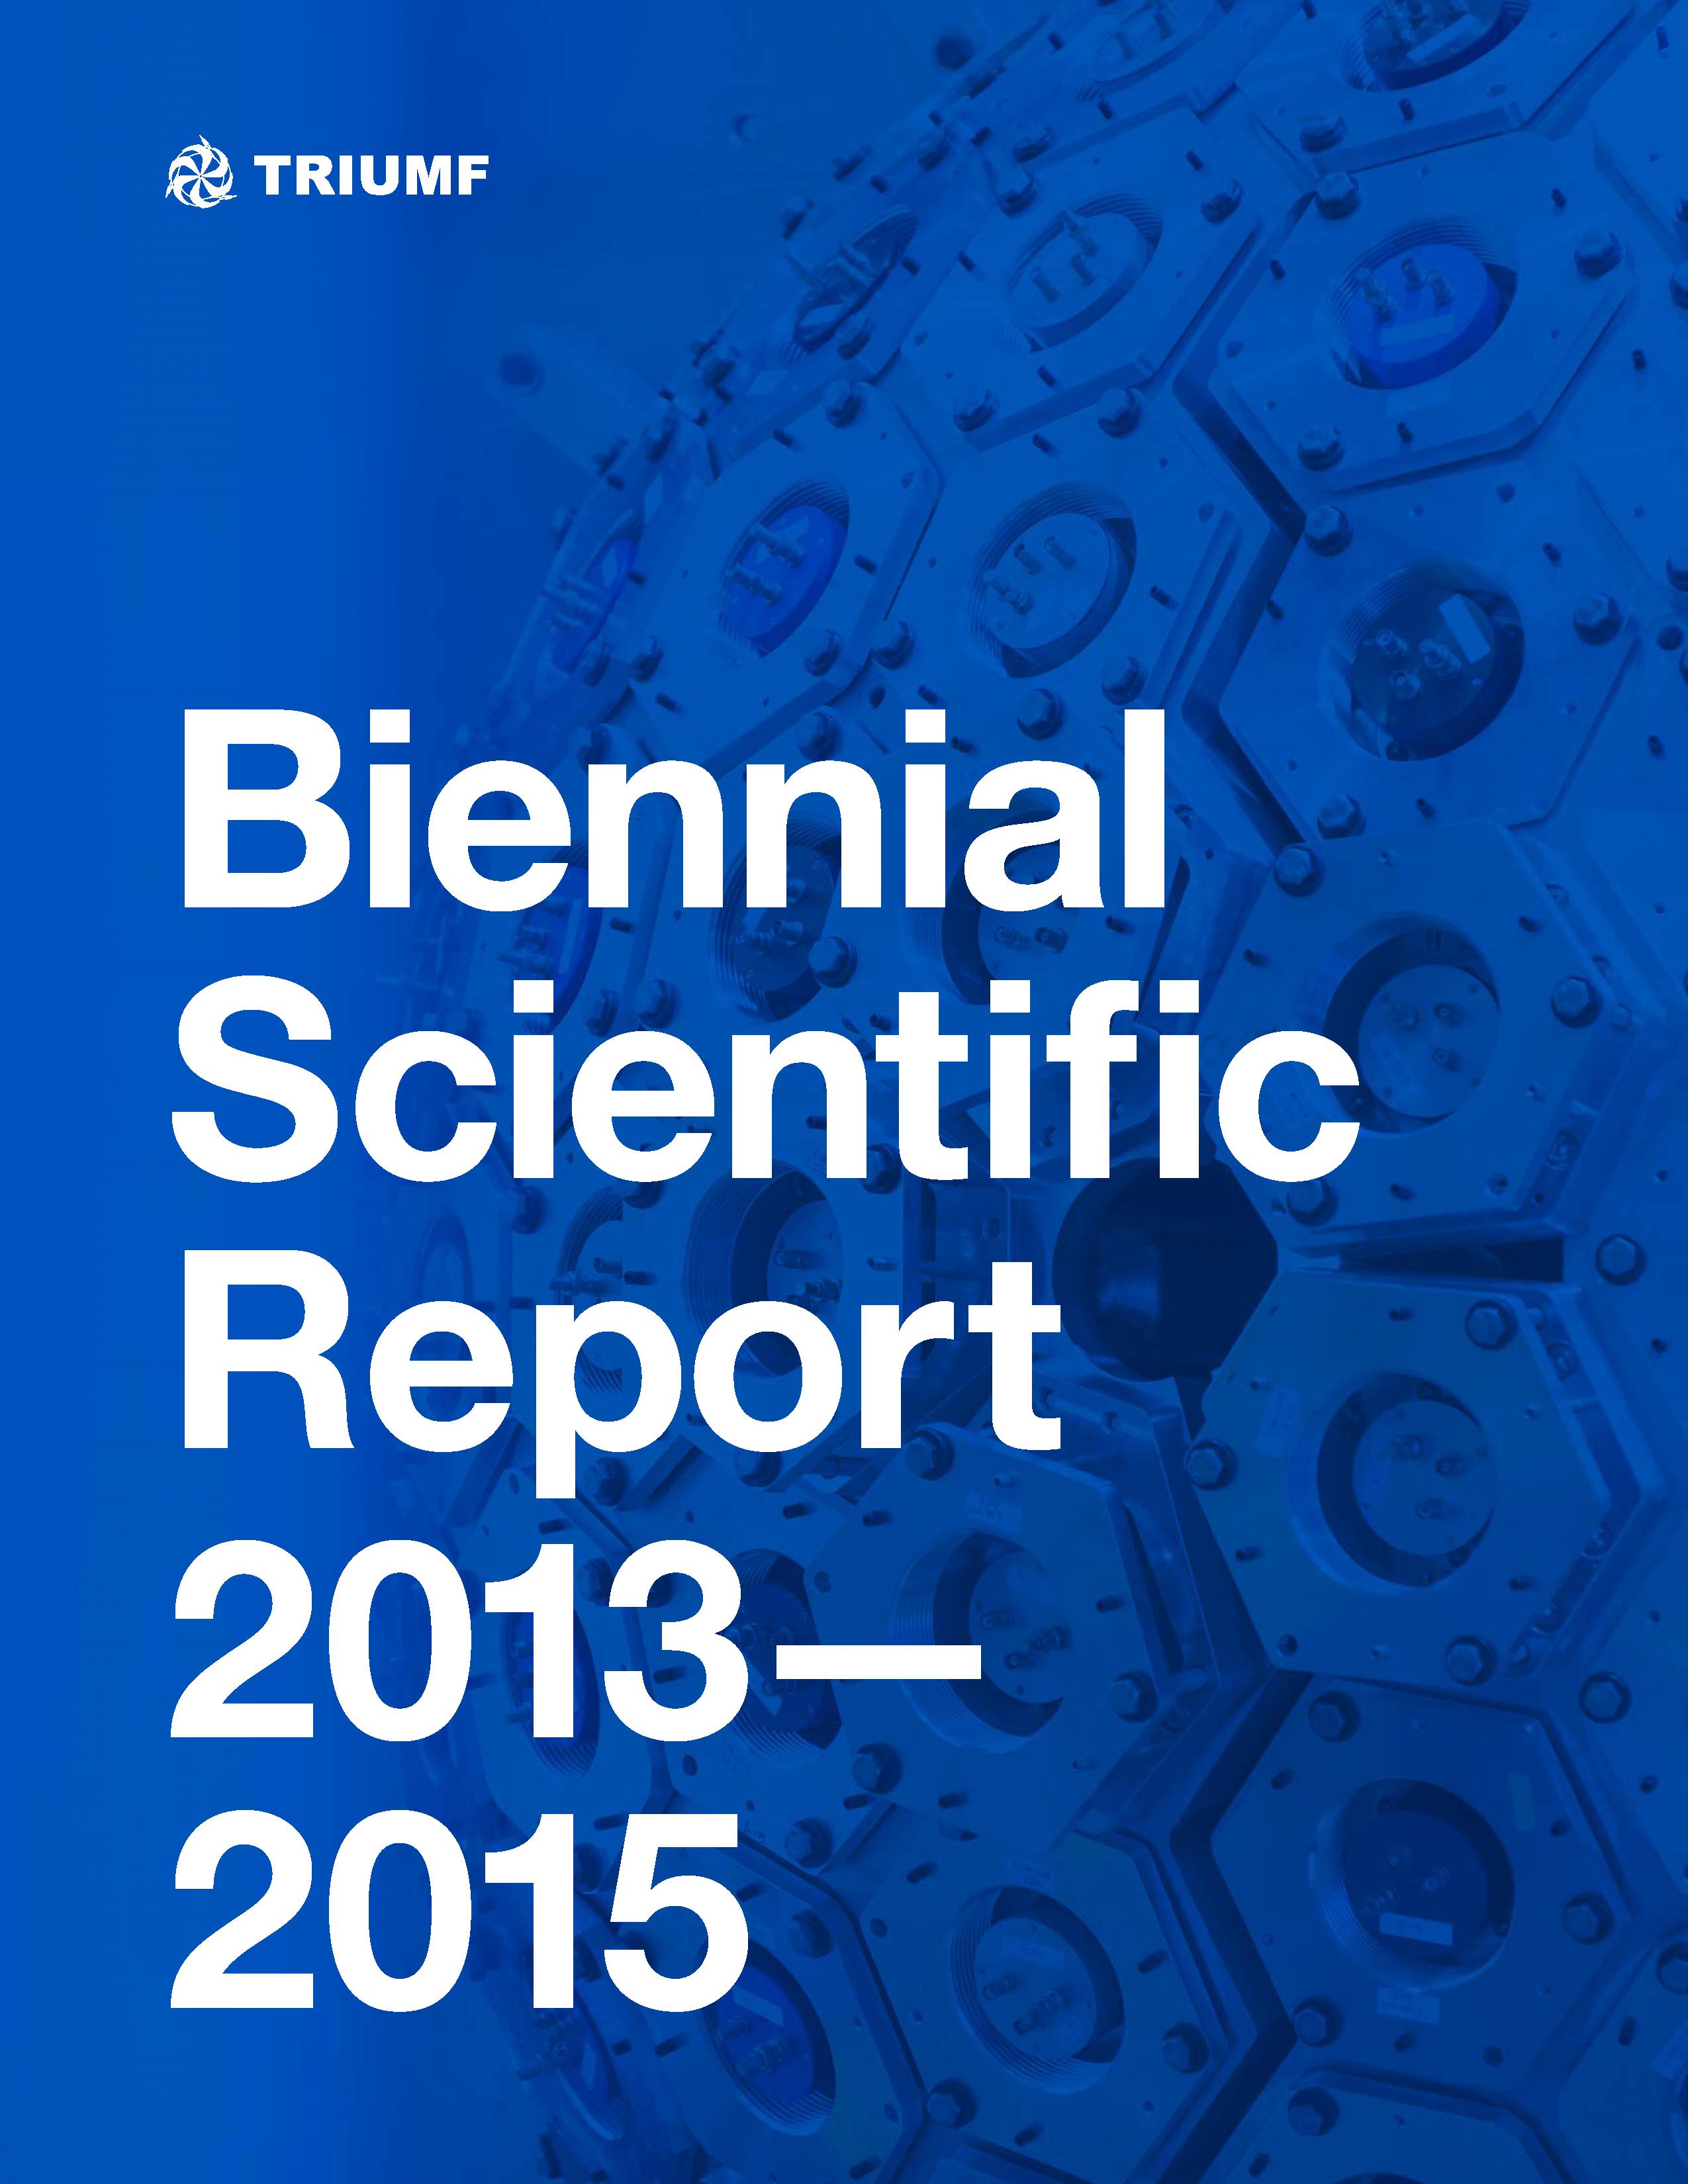 2013-2015 Scientific Activities Report